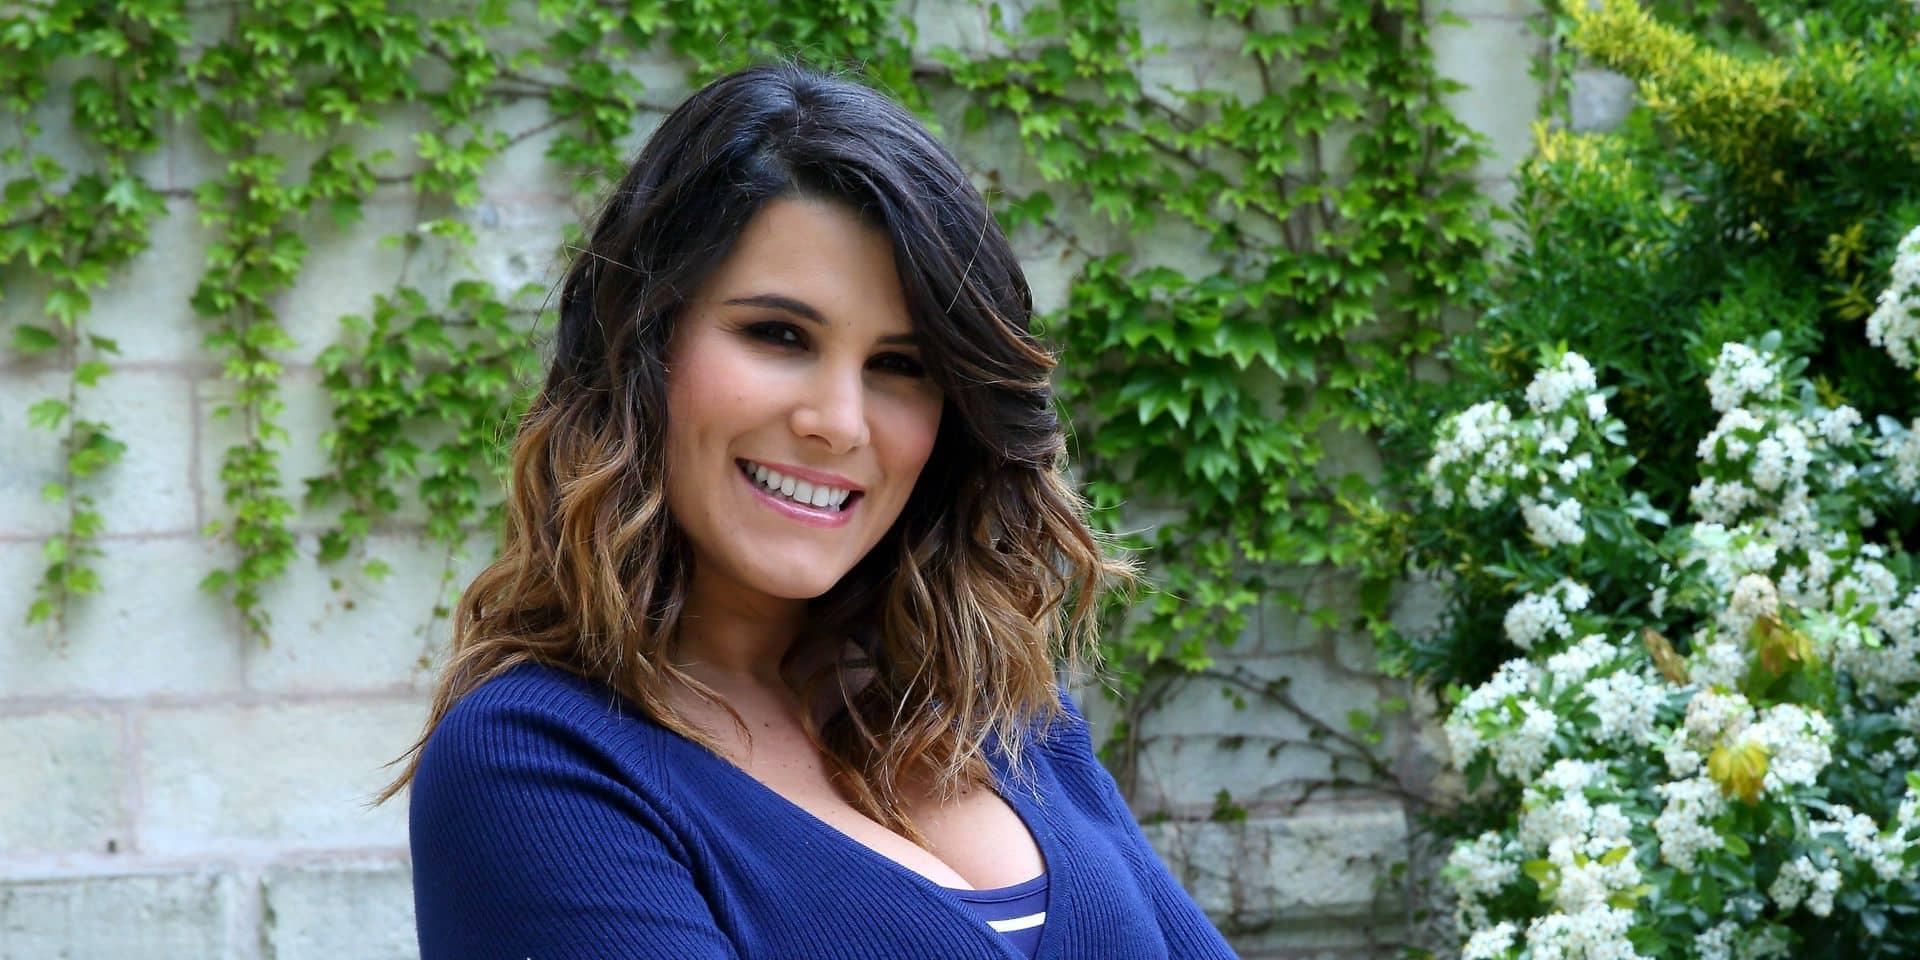 Après l'affaire des photos nues, plusieurs bonnes nouvelles pour Karine Ferri